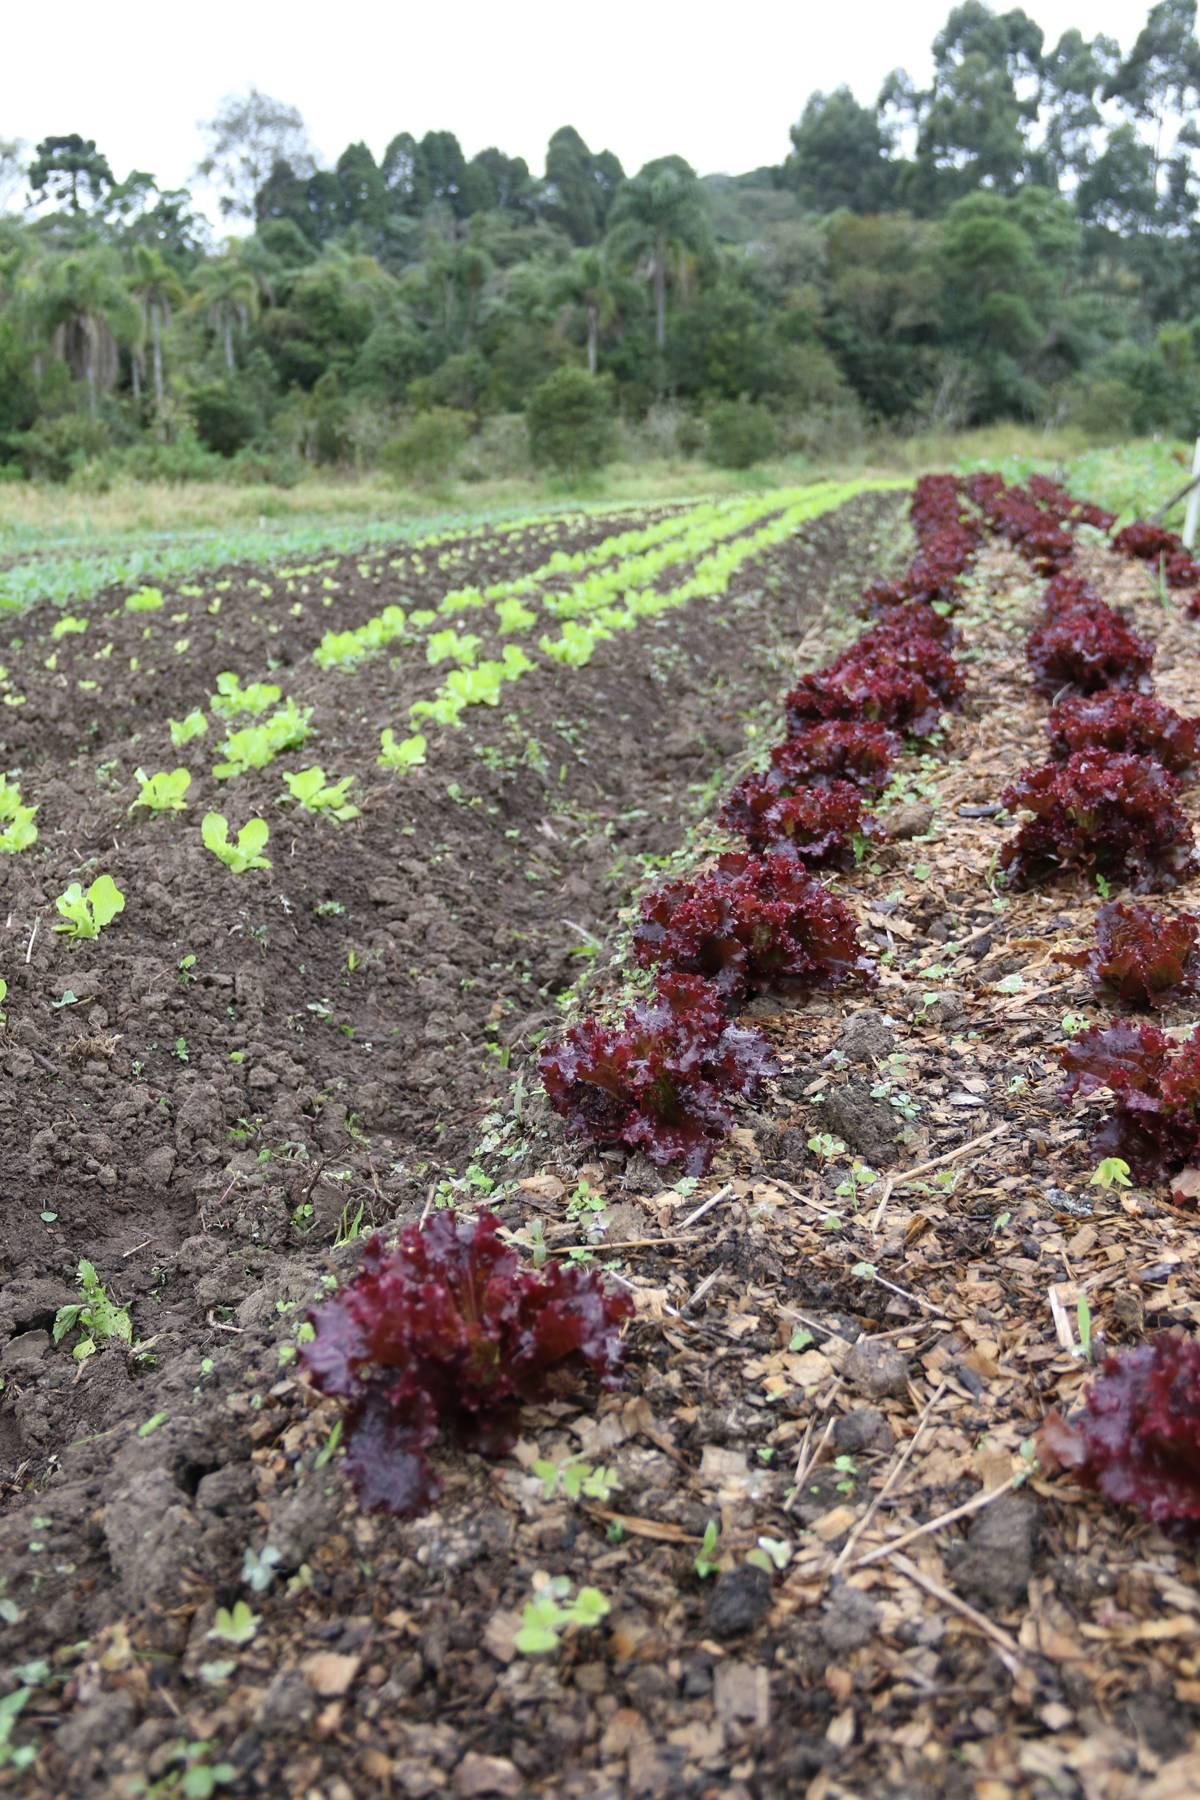 Verduras produzidas na horta orgânica da fazenda são colhidas pela manhã e servidas aos hóspedes no almoço | Eliane Quinalia